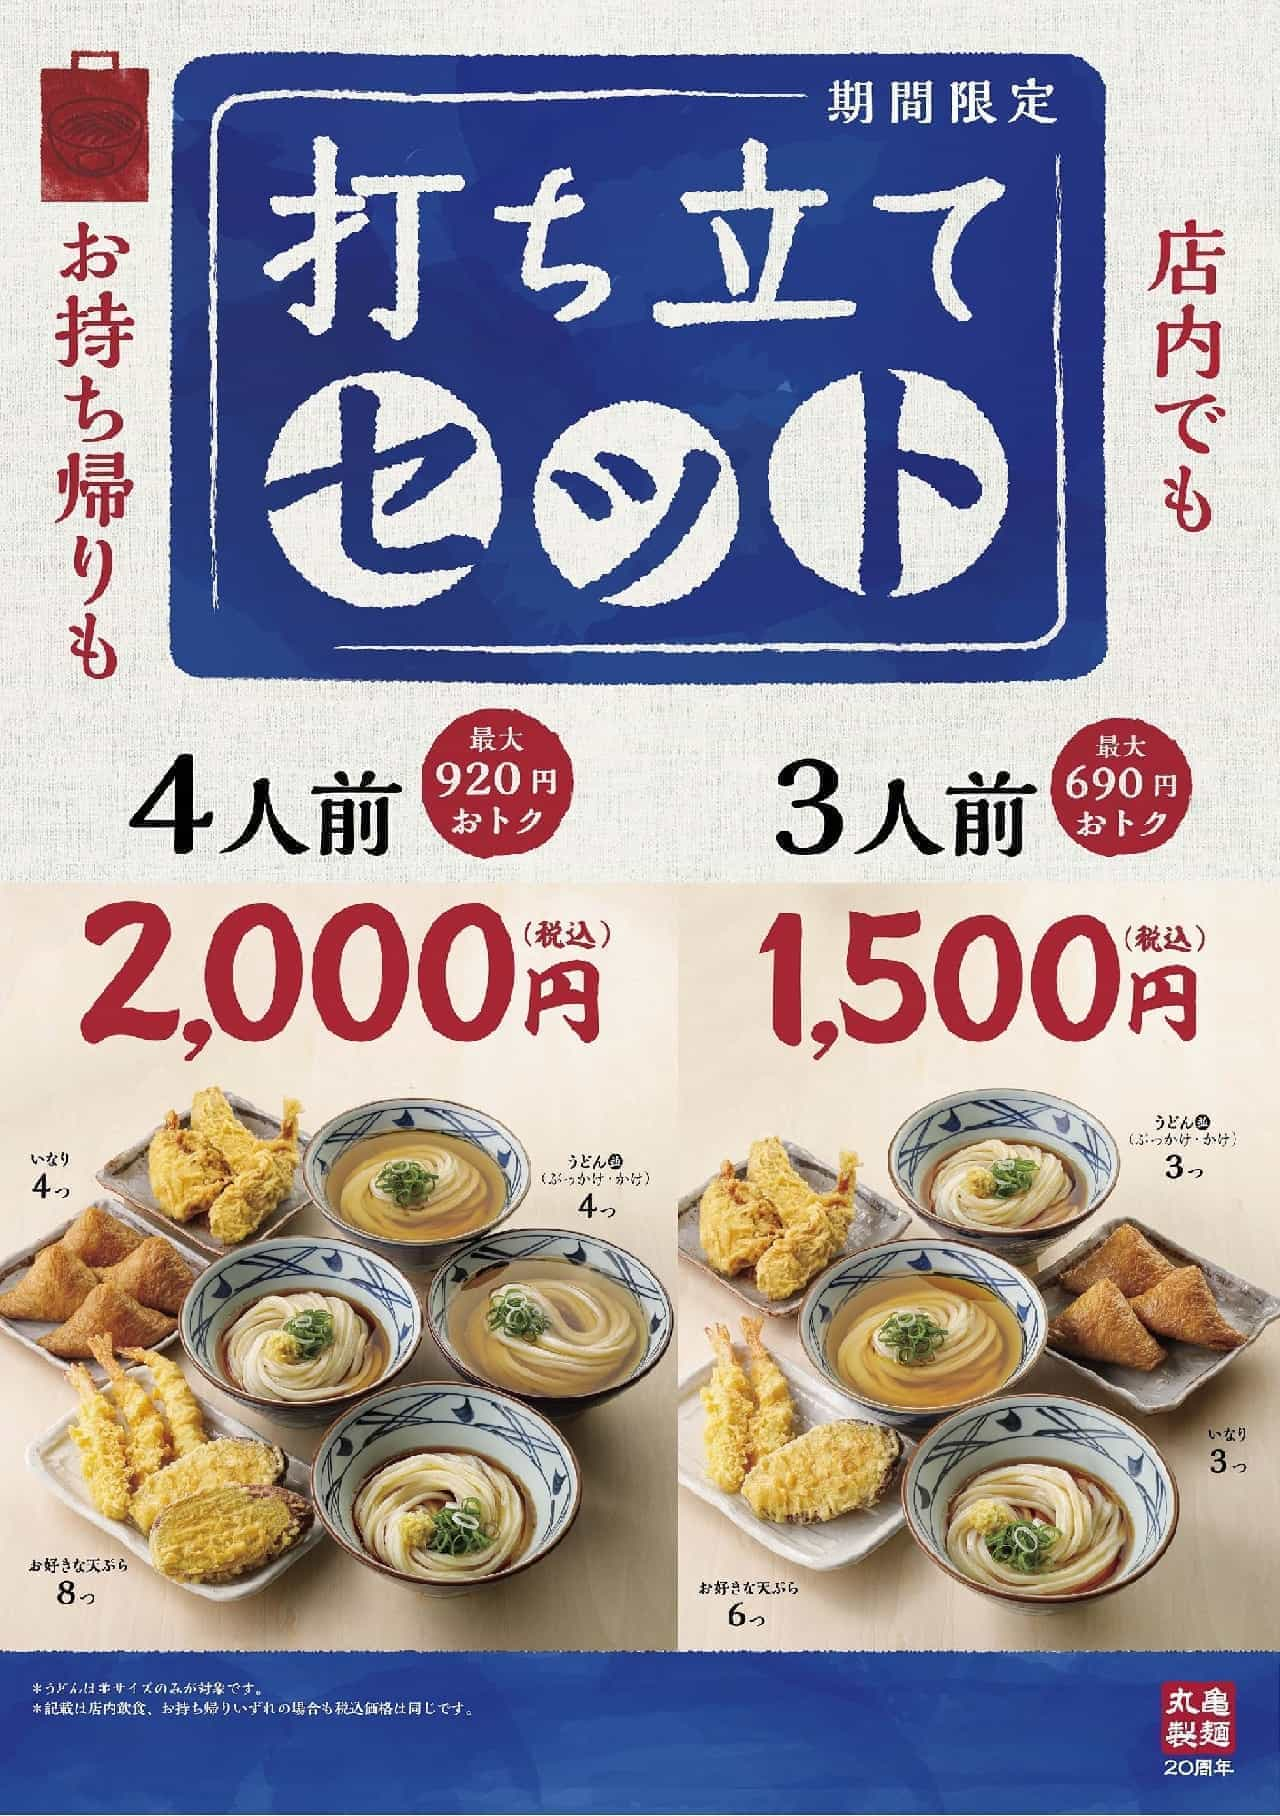 丸亀製麺「打ち立てセット」